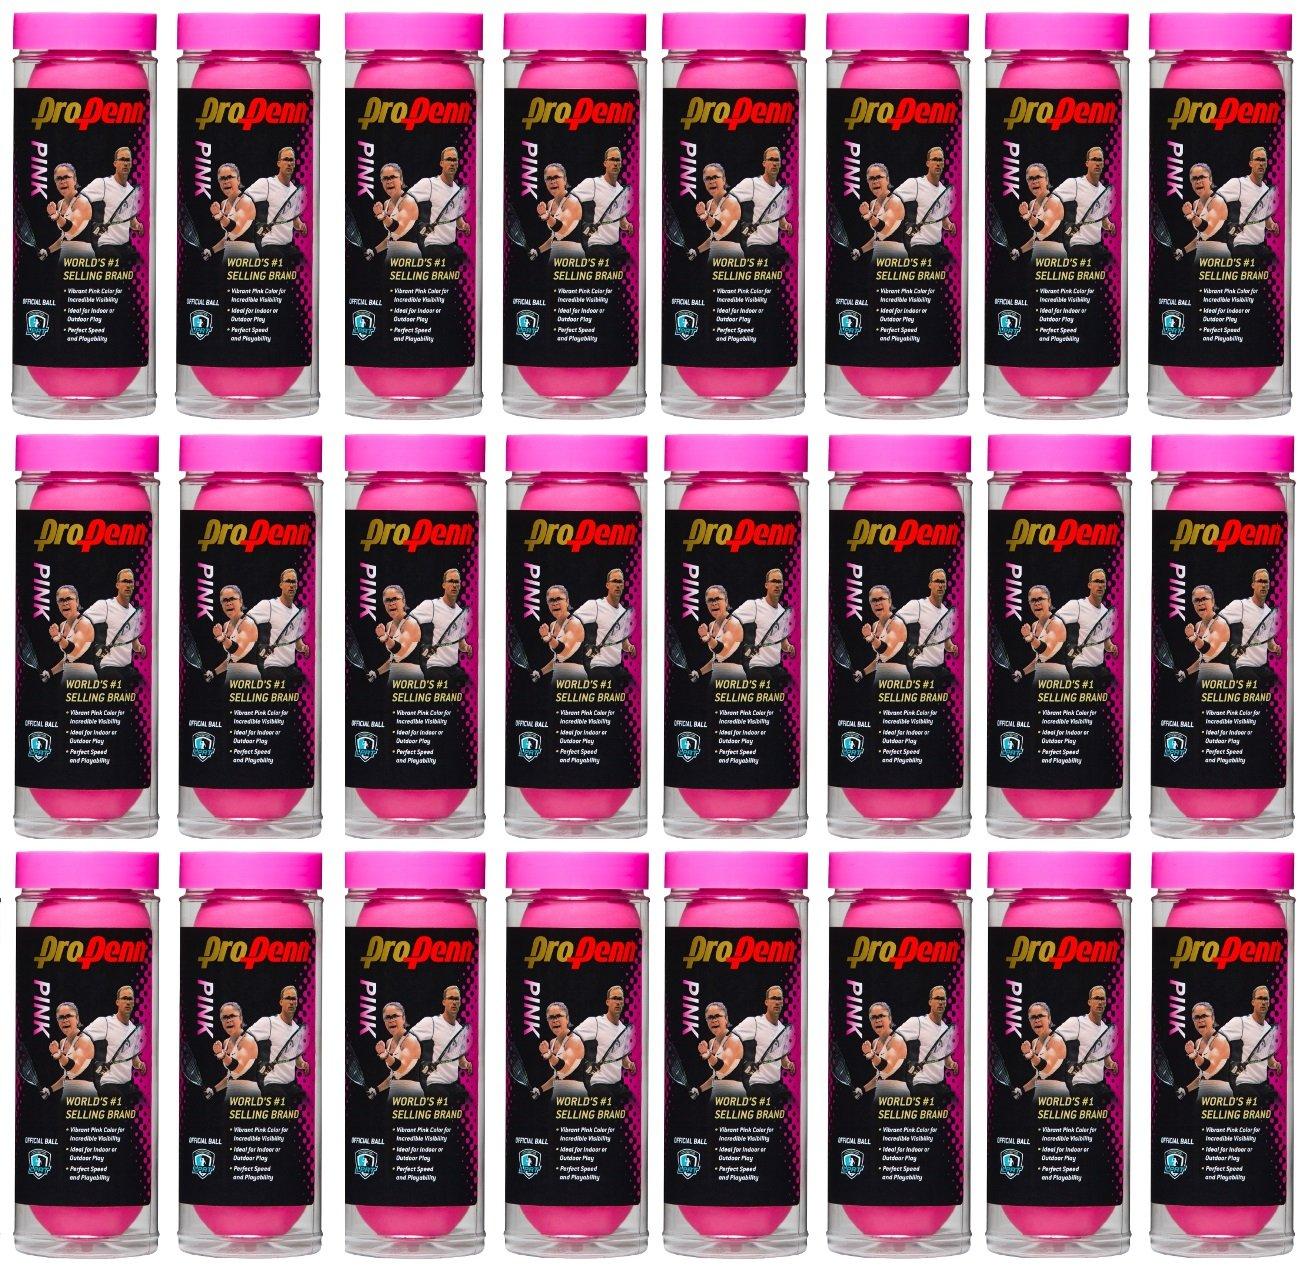 Head ProPenn Pink Racquetballs - 3 Ball can (24)